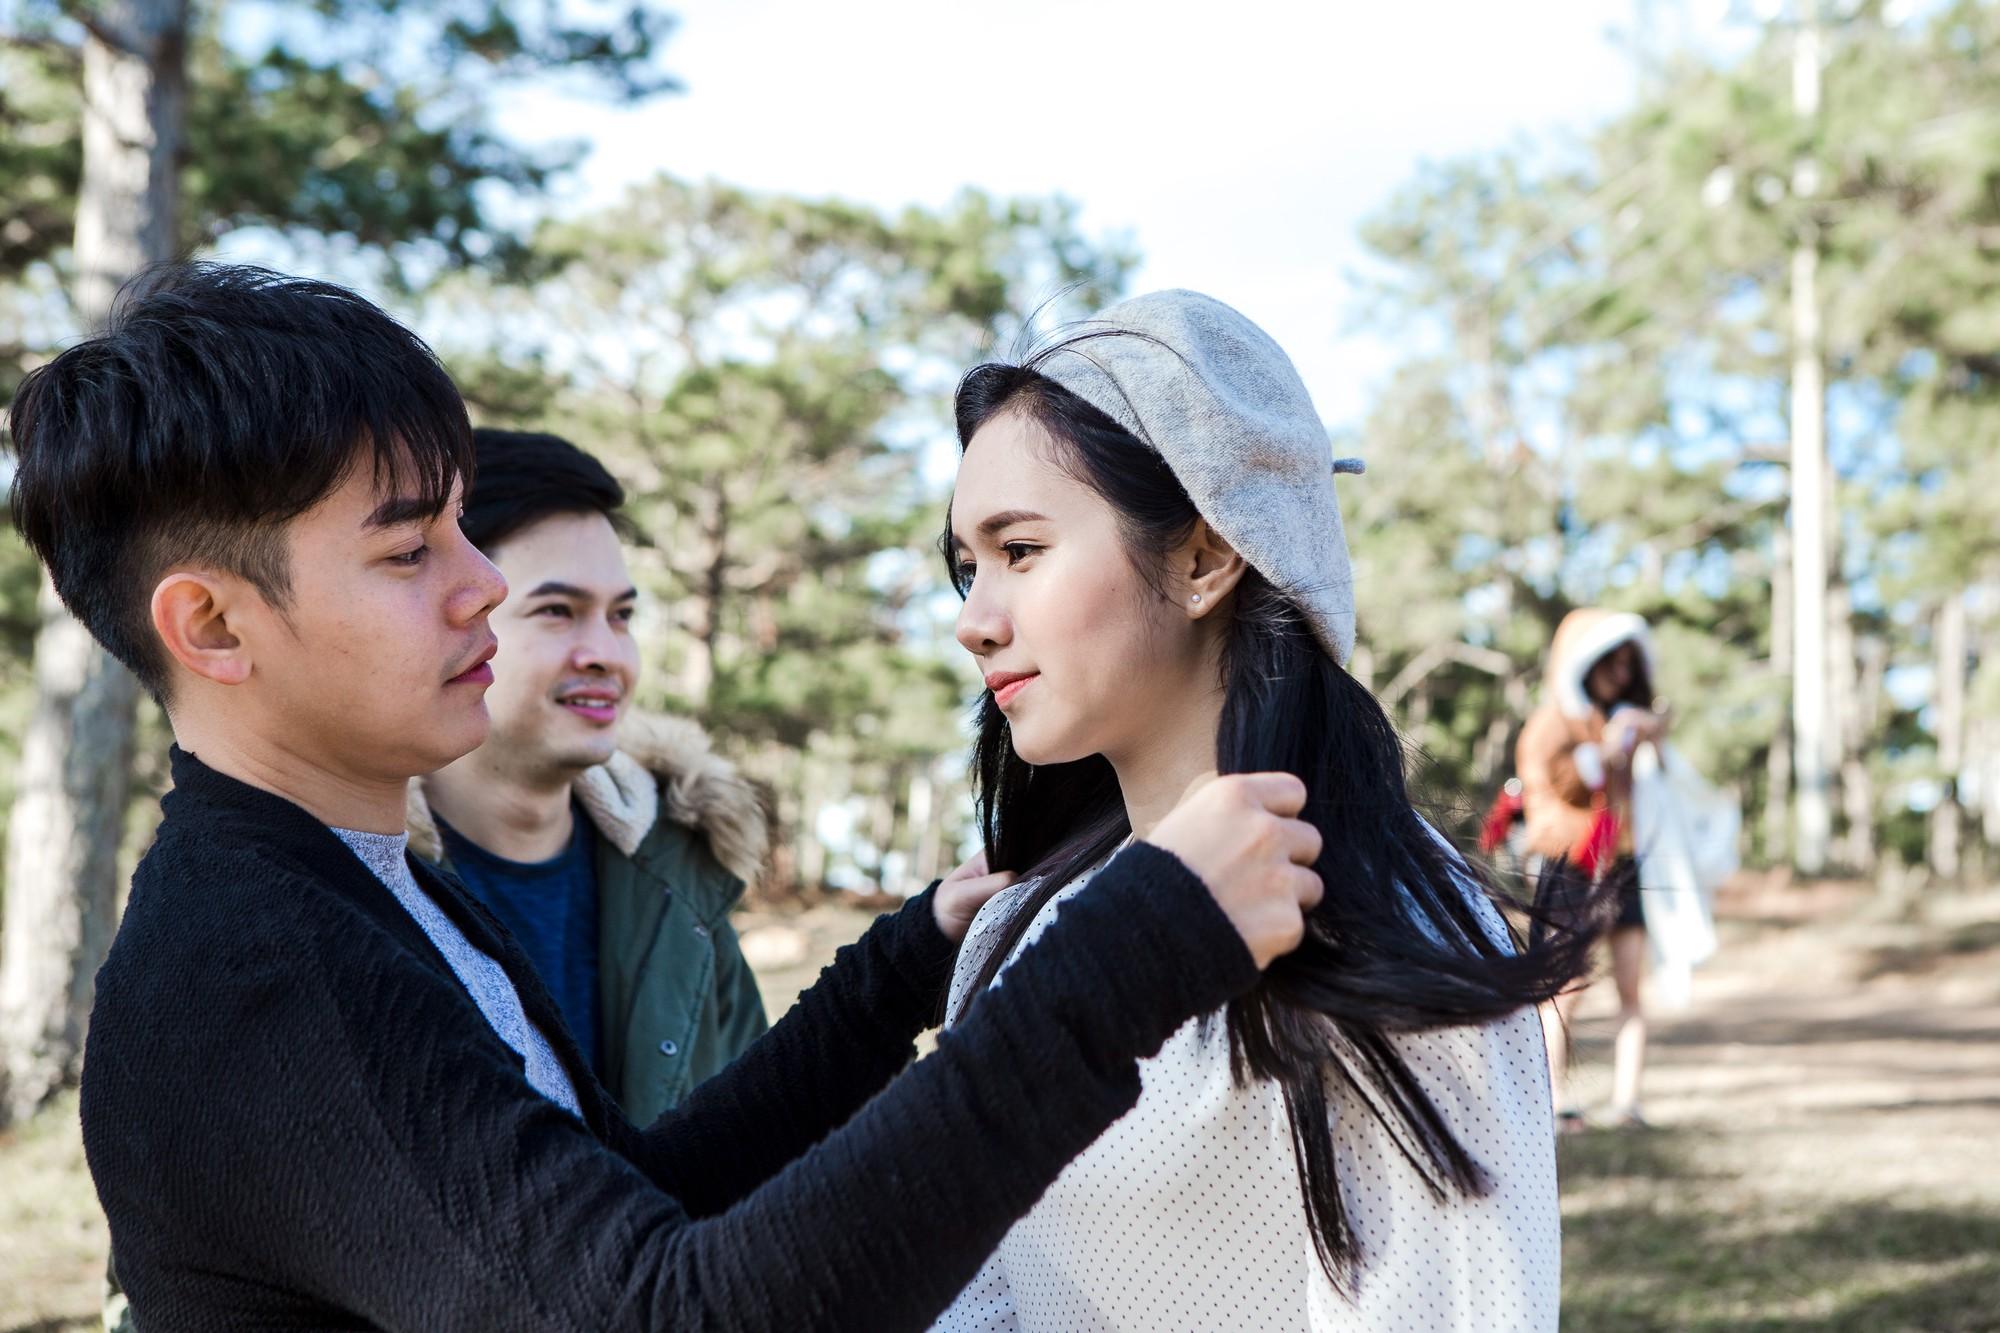 Nam Cường kể chuyện tình tay ba với Mai Bảo Ngọc và Ngọc Thuận - Ảnh 6.